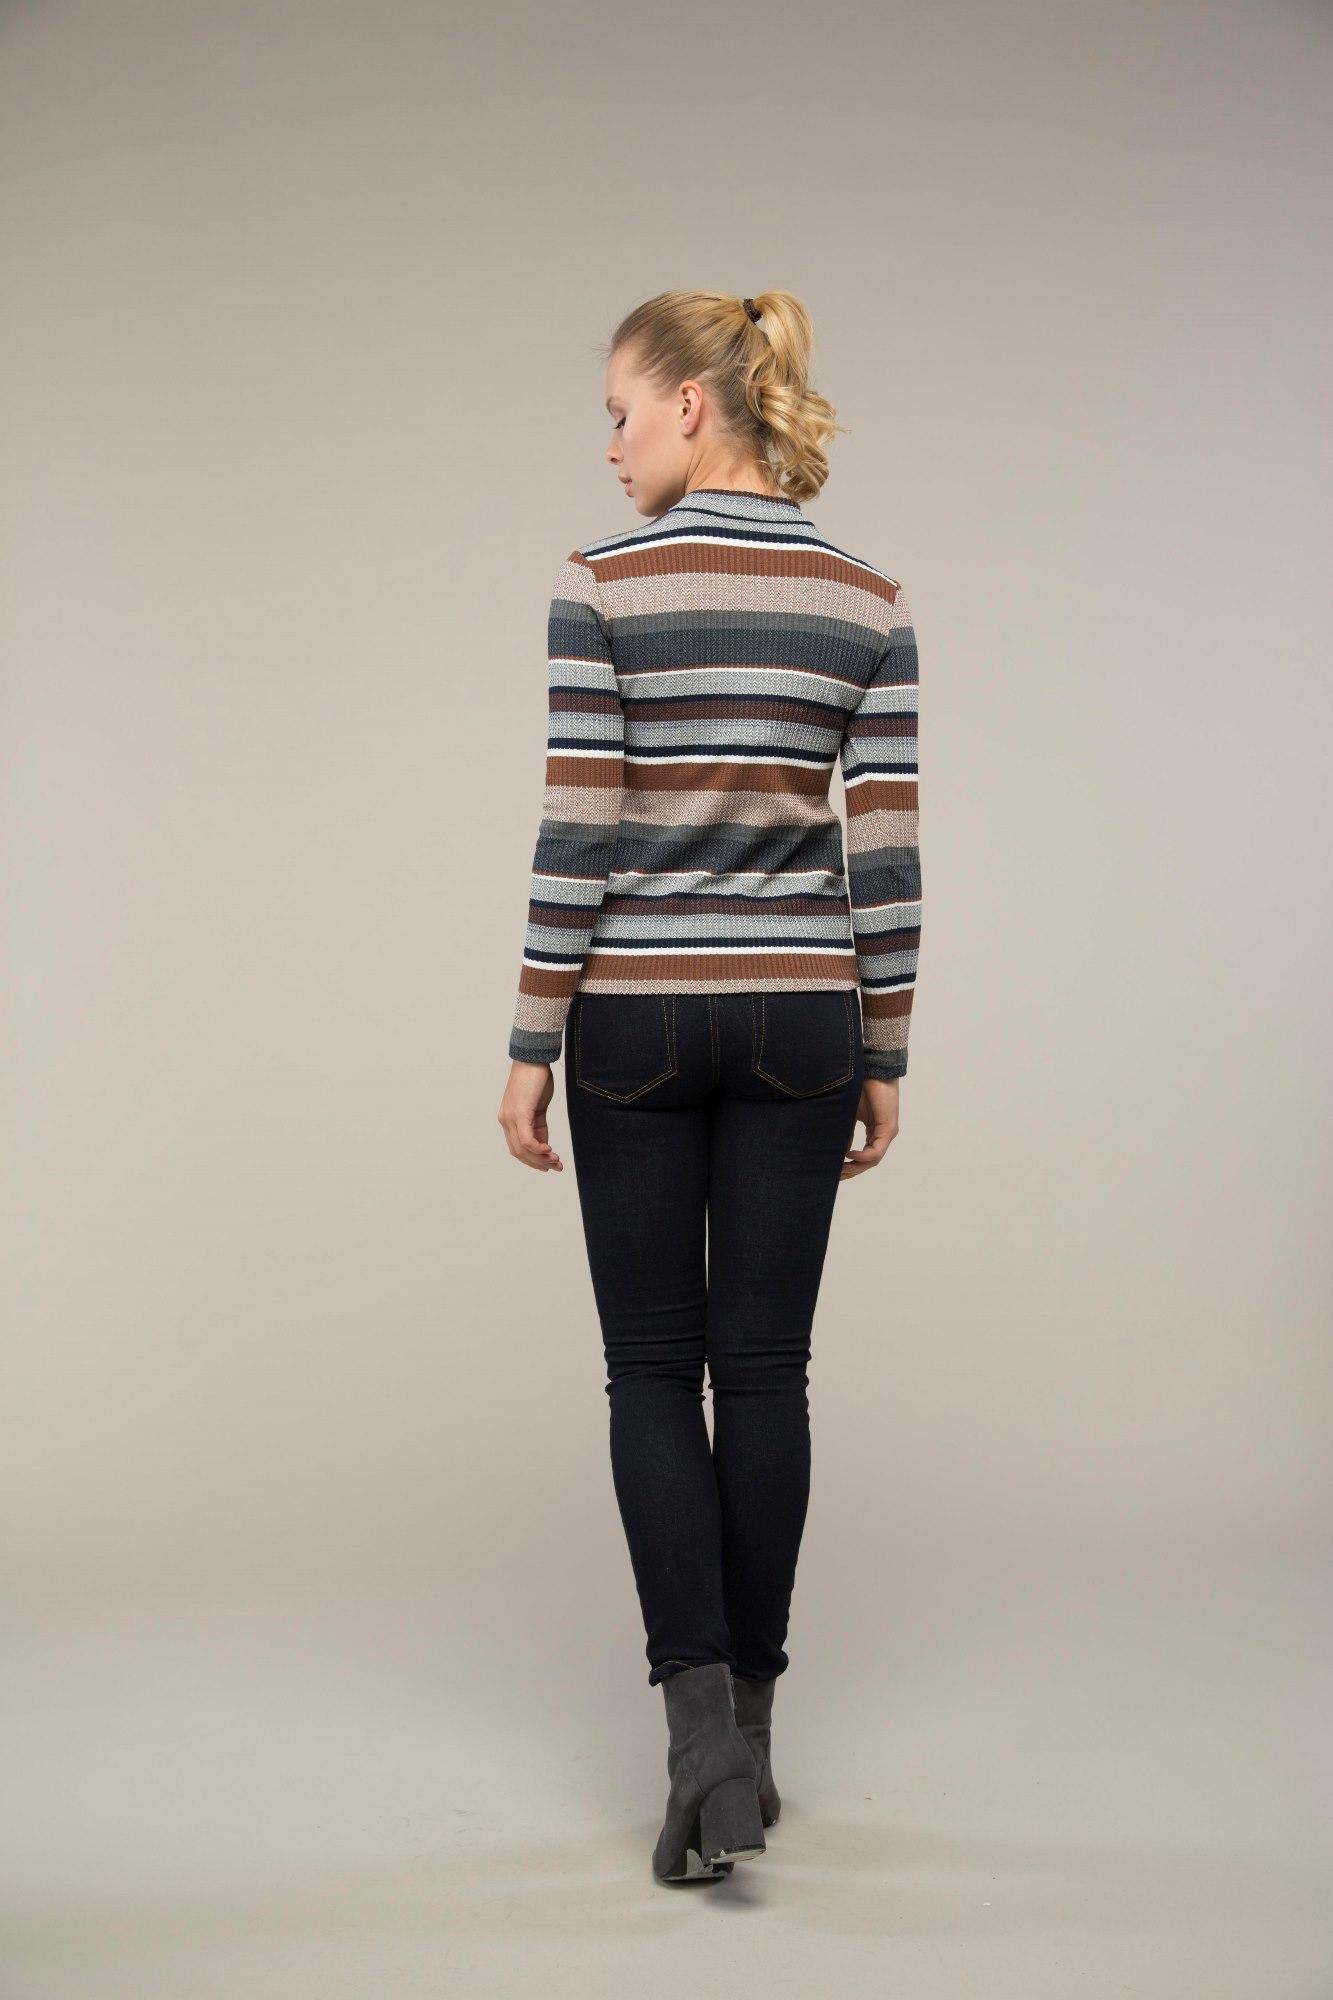 Фото джинсы-скинни для беременных GEBE, зауженные, средняя посадка, широкий бандаж от магазина СкороМама, синий, размеры.